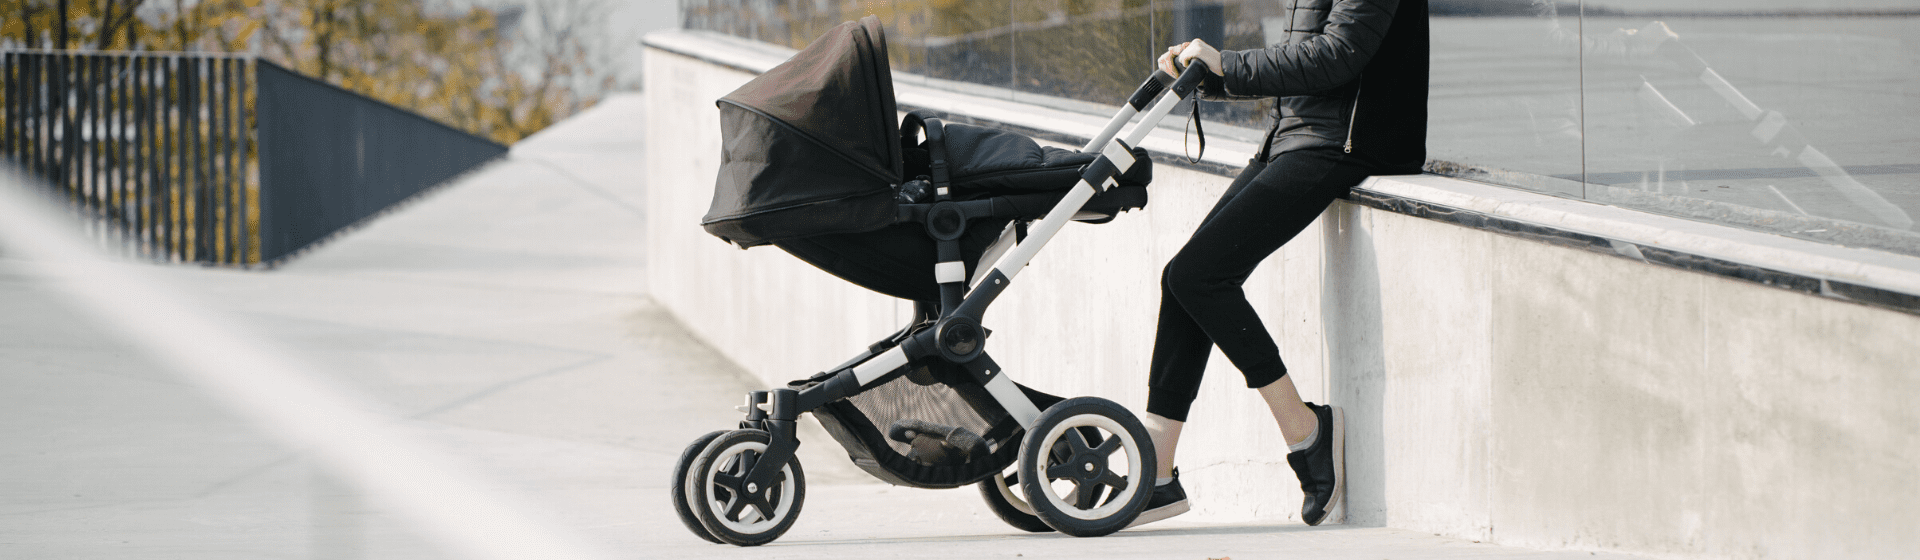 Melhores carrinhos de bebê Kiddo: 7 modelos para comprar em 2021